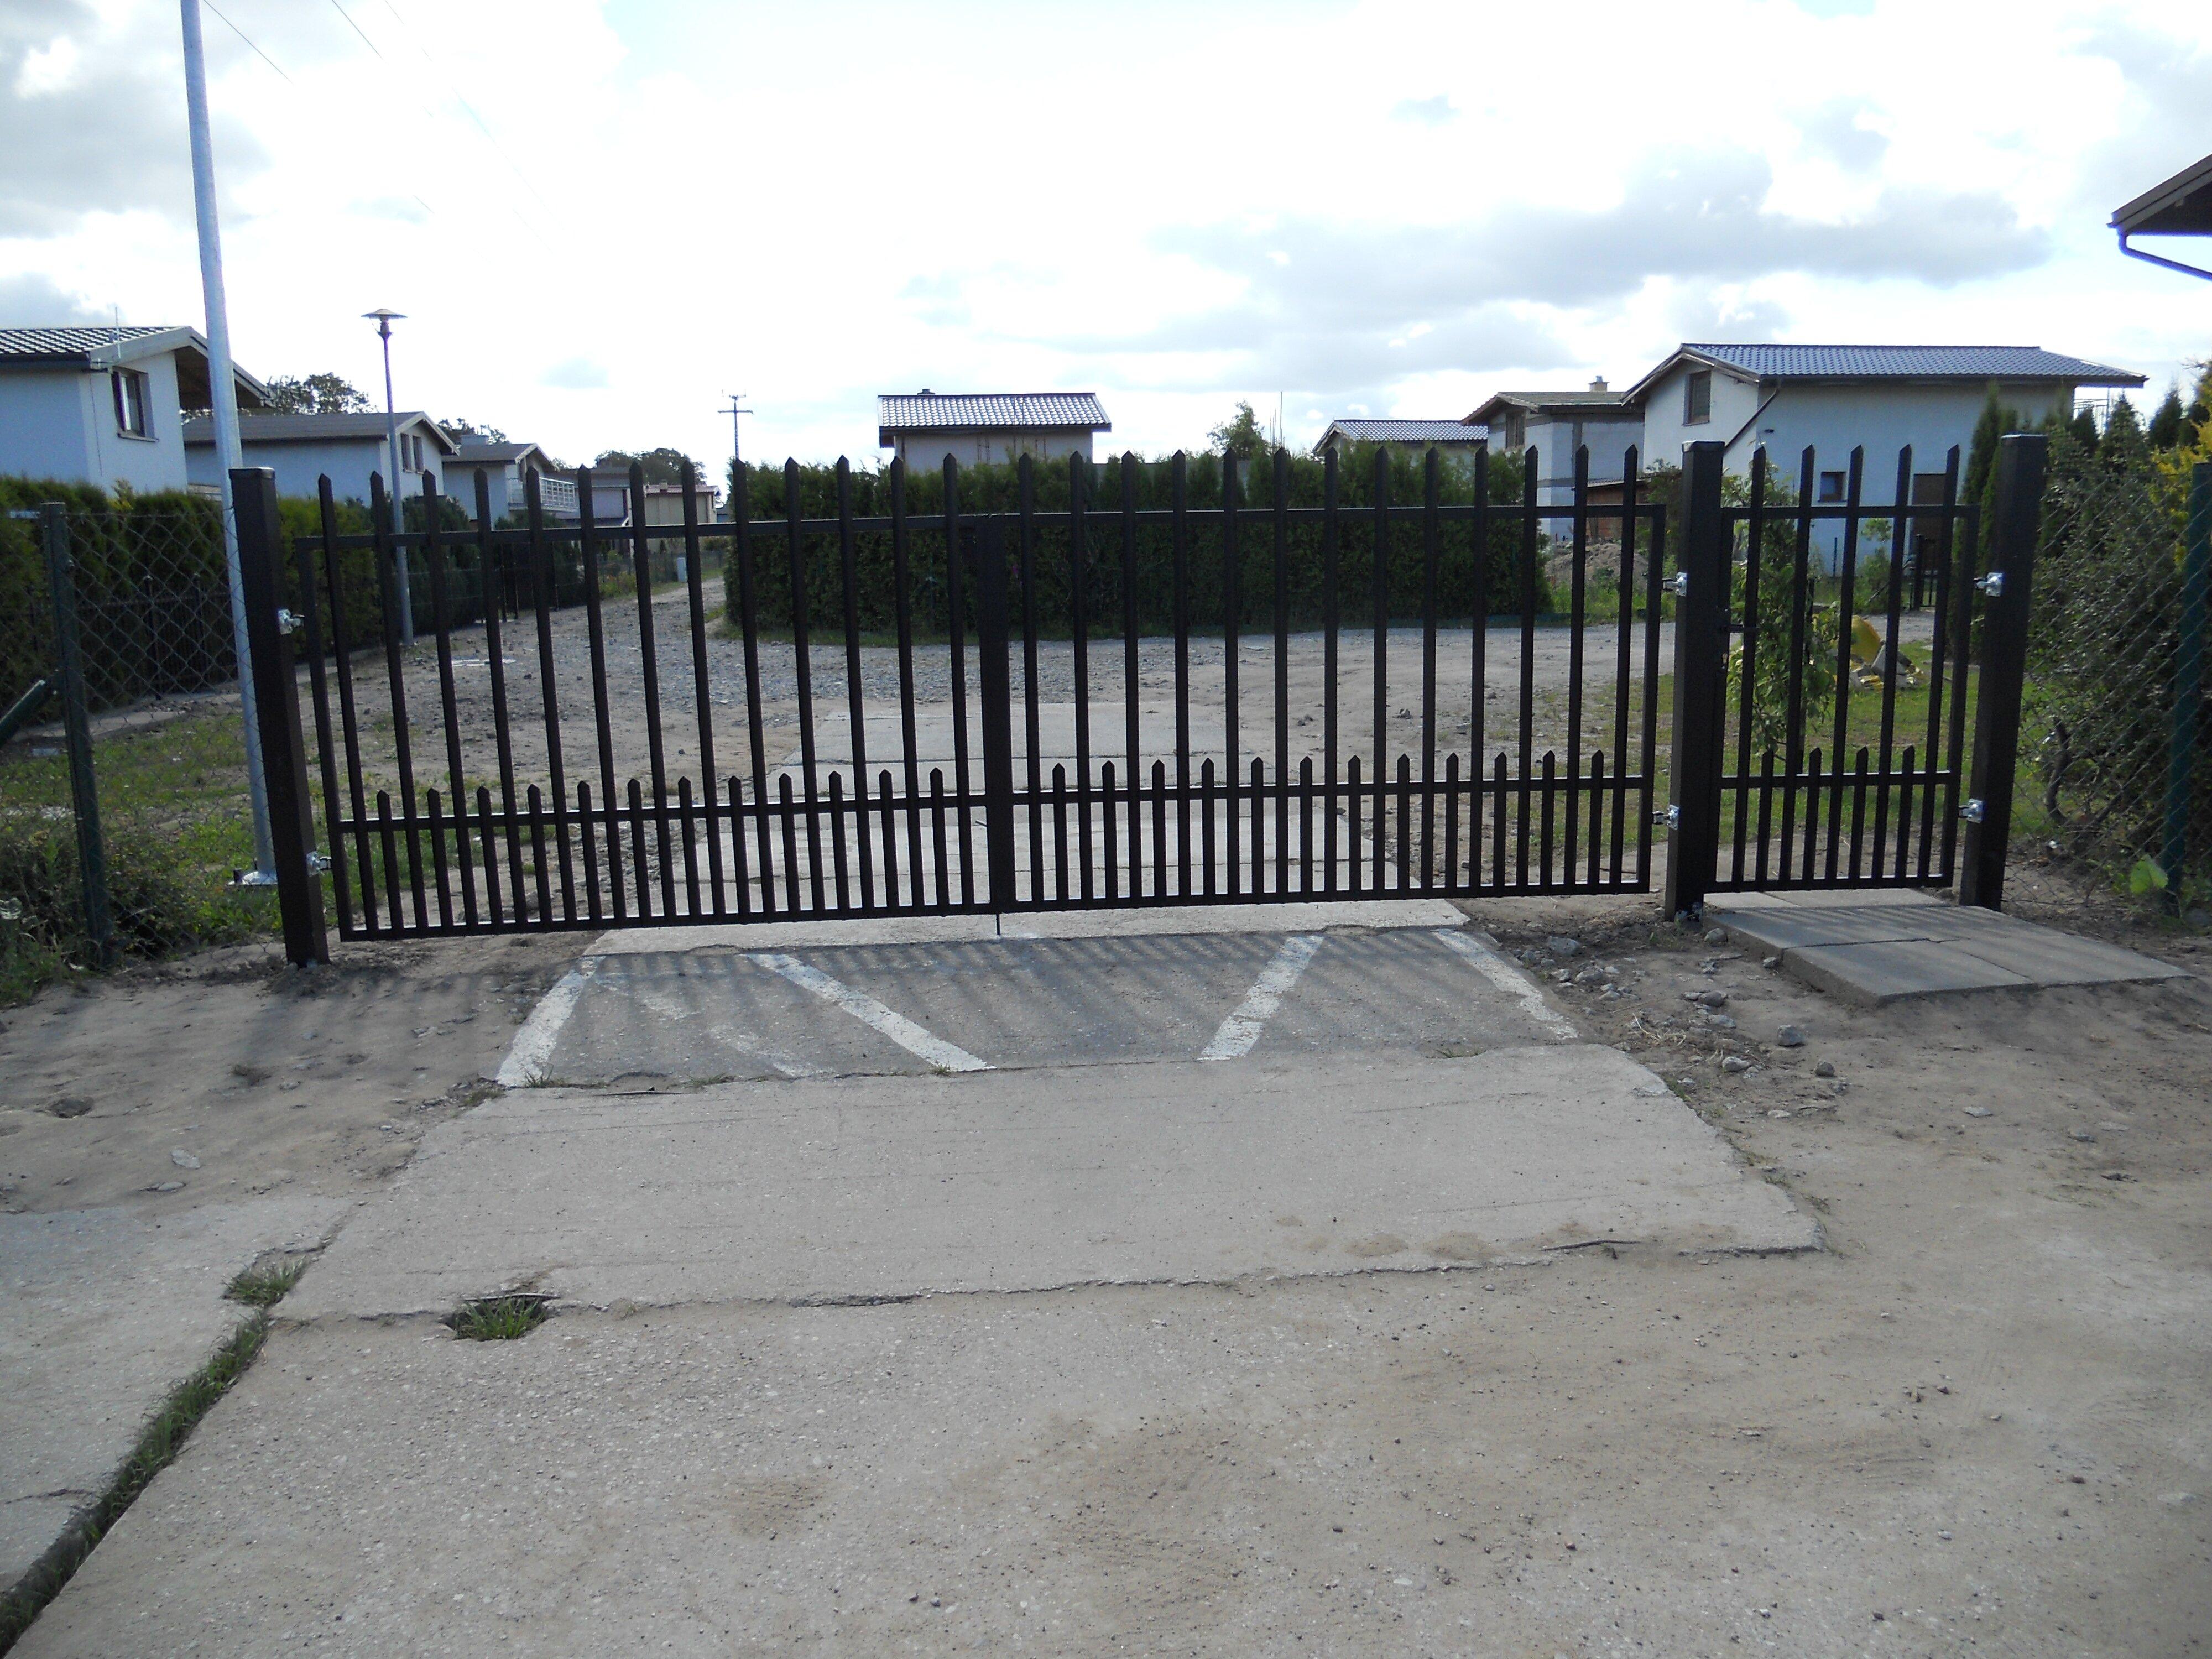 Zdjęcie bramy wjazdowej na teren ogrodów sektor C